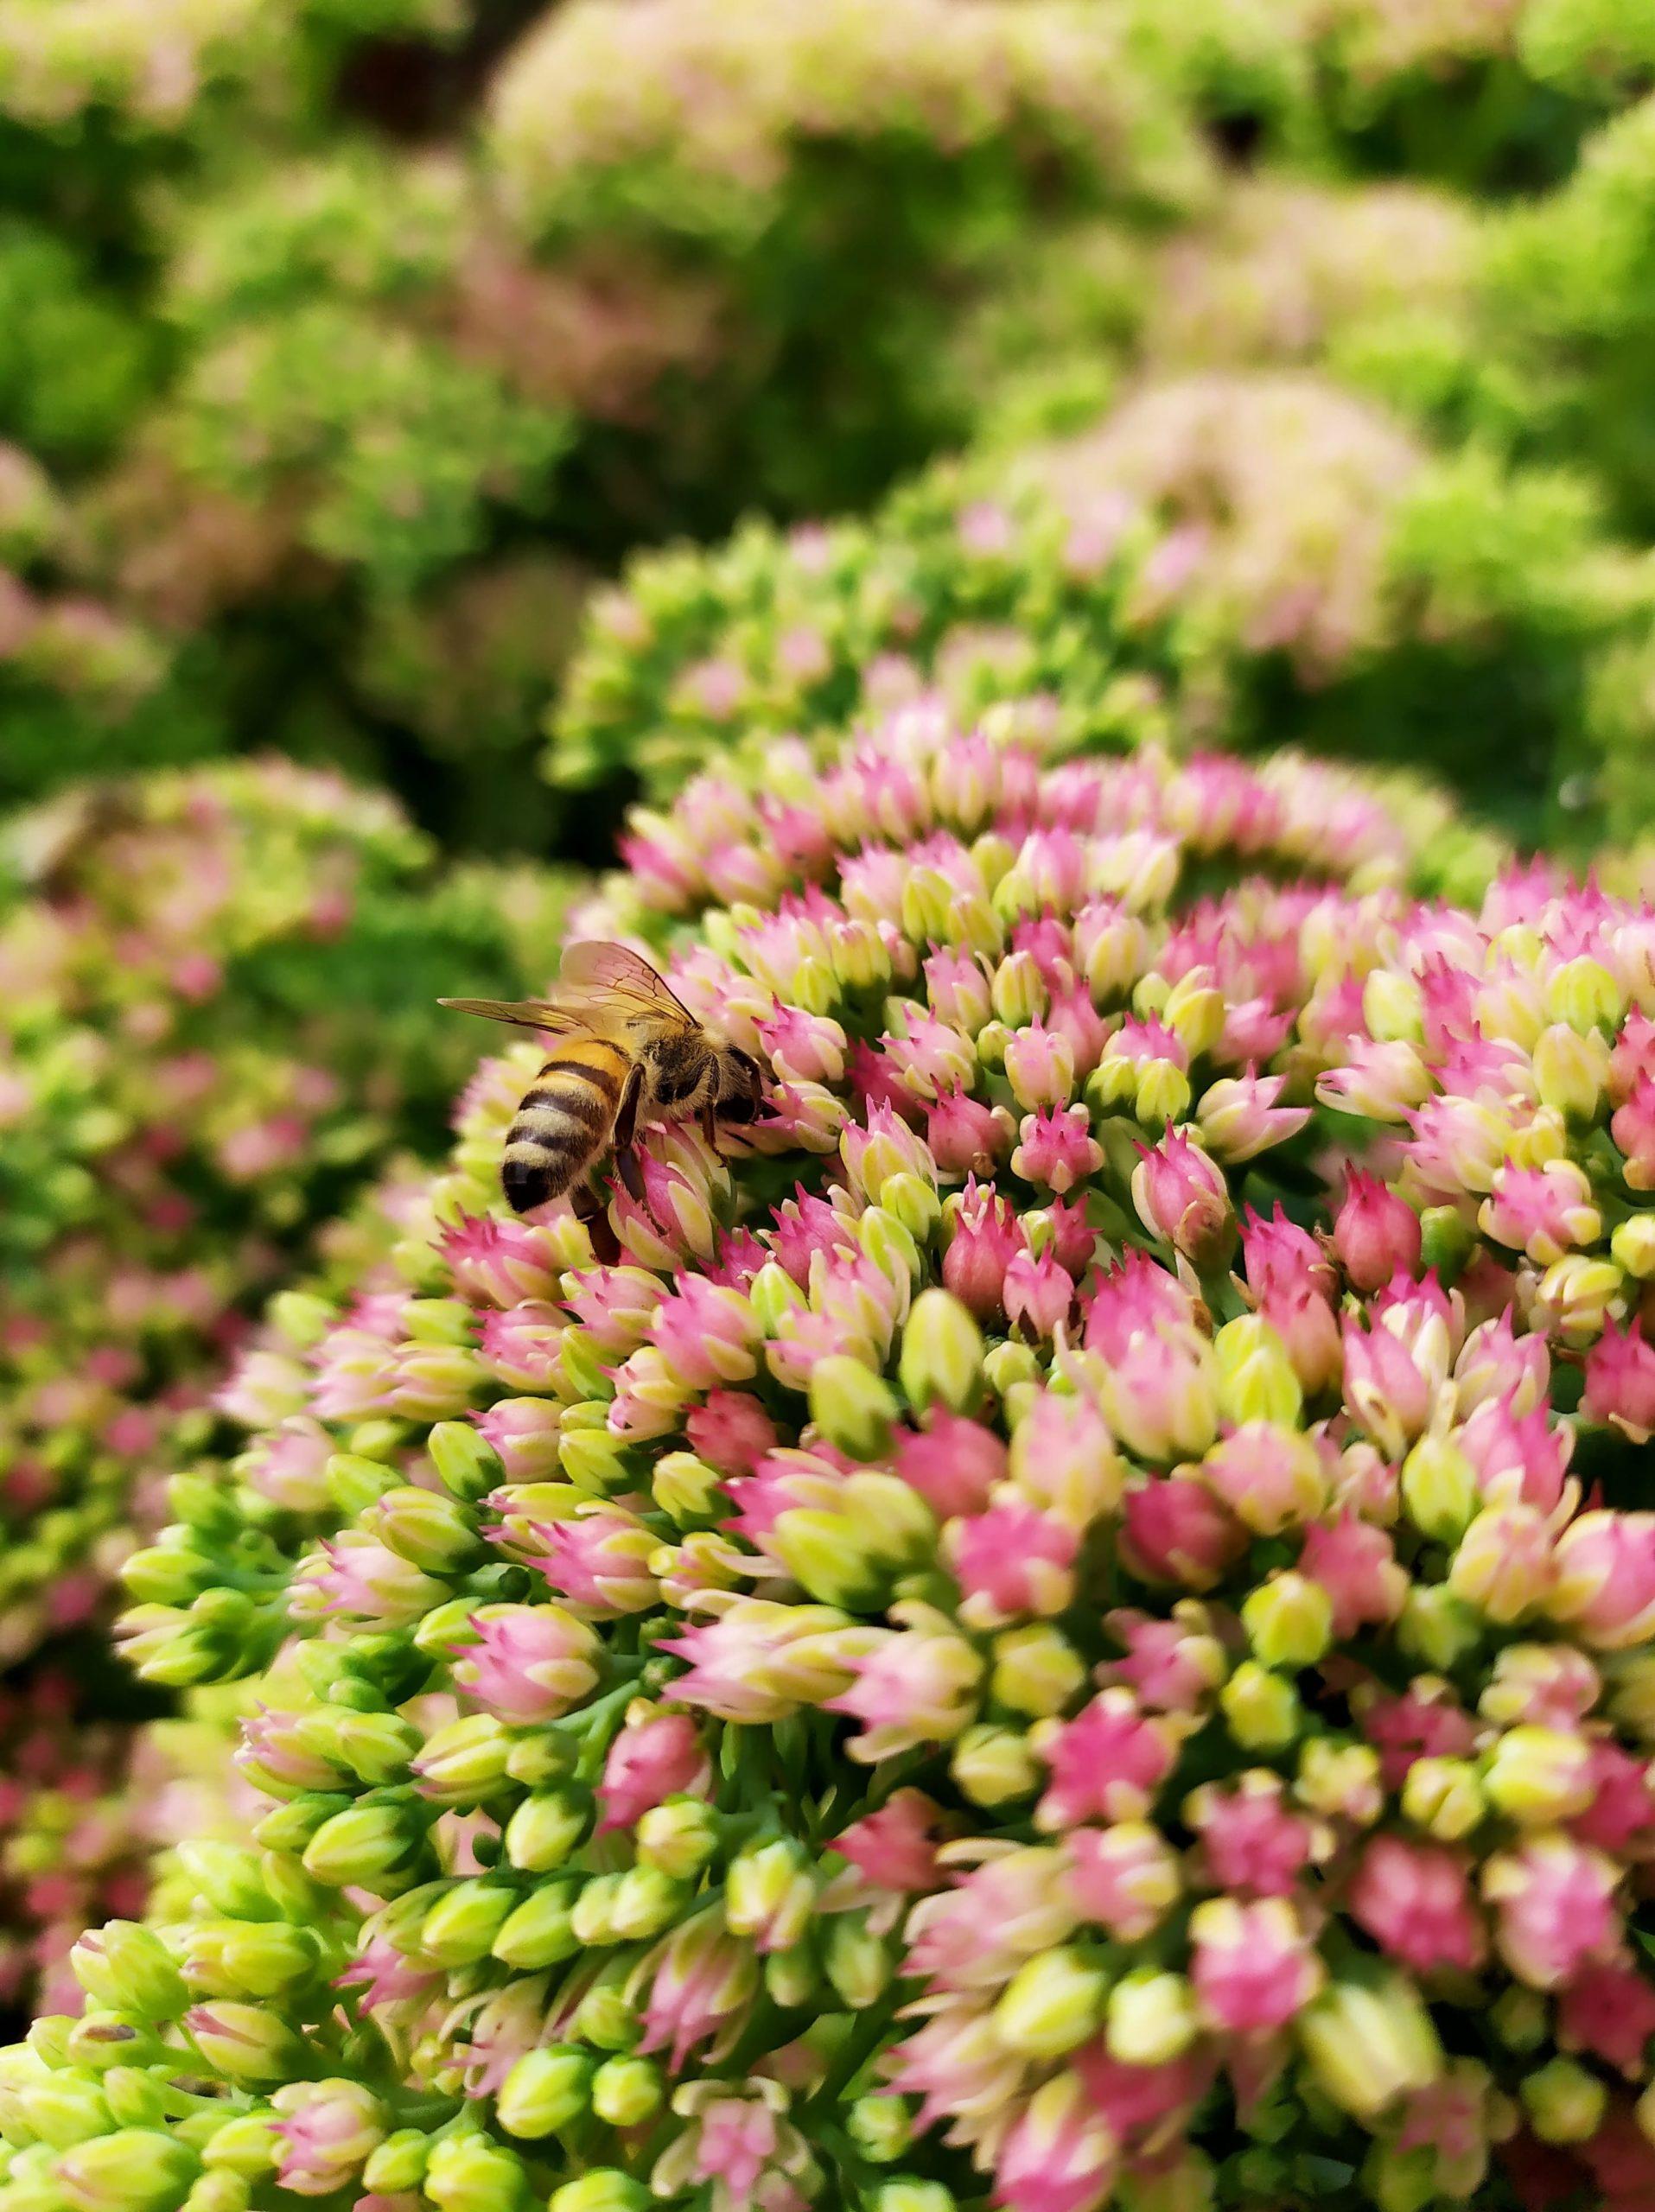 W jaki sposób możemy pomóc pszczołom?